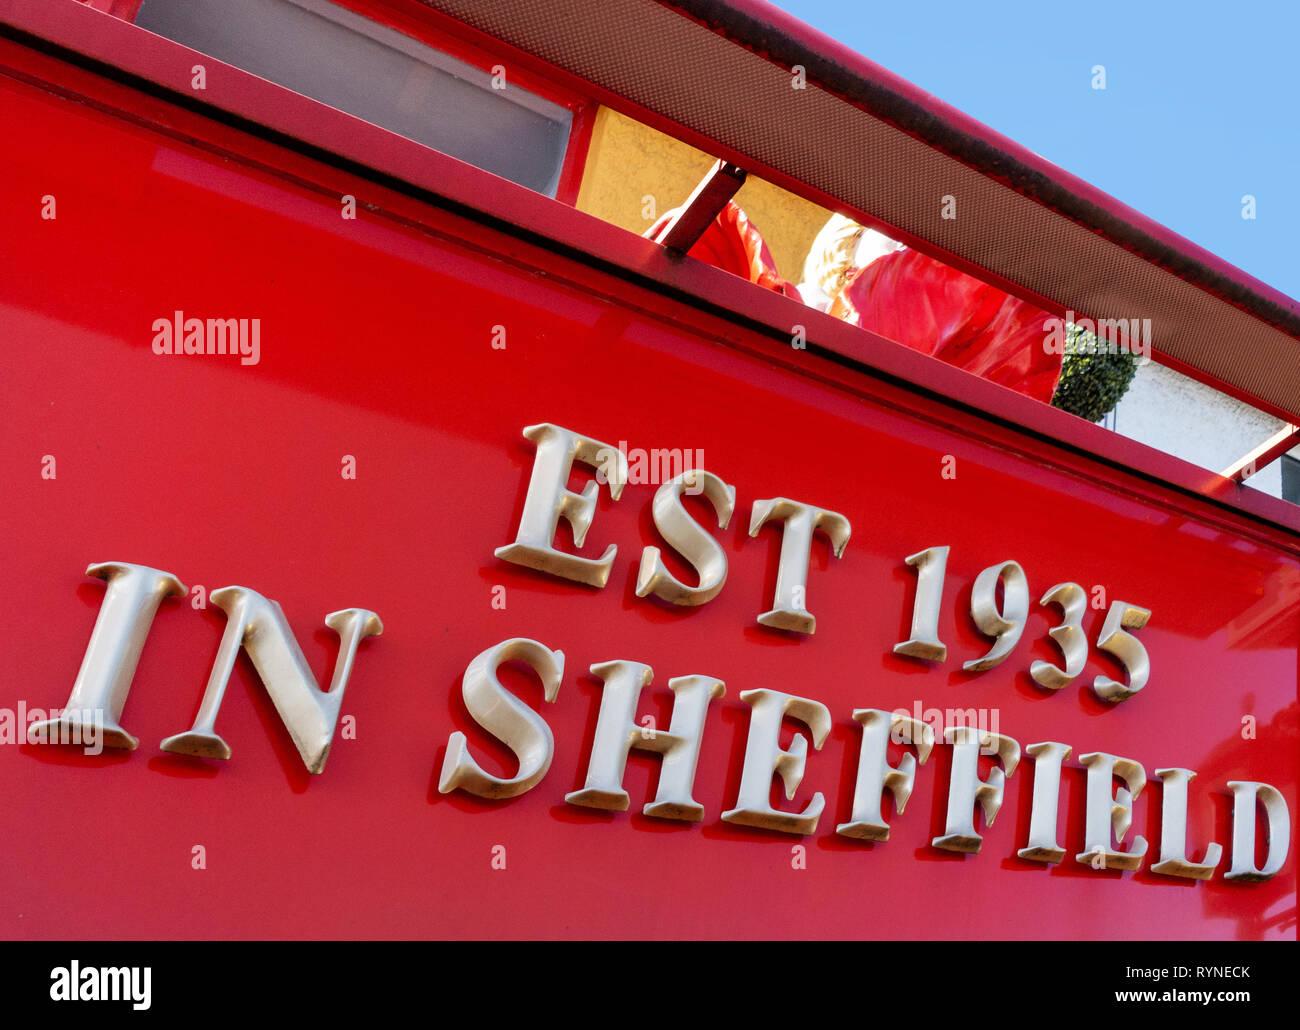 Oro brillante lettere fare un segno sul negozio di fronte dicendo Est 1935 a Sheffield Immagini Stock